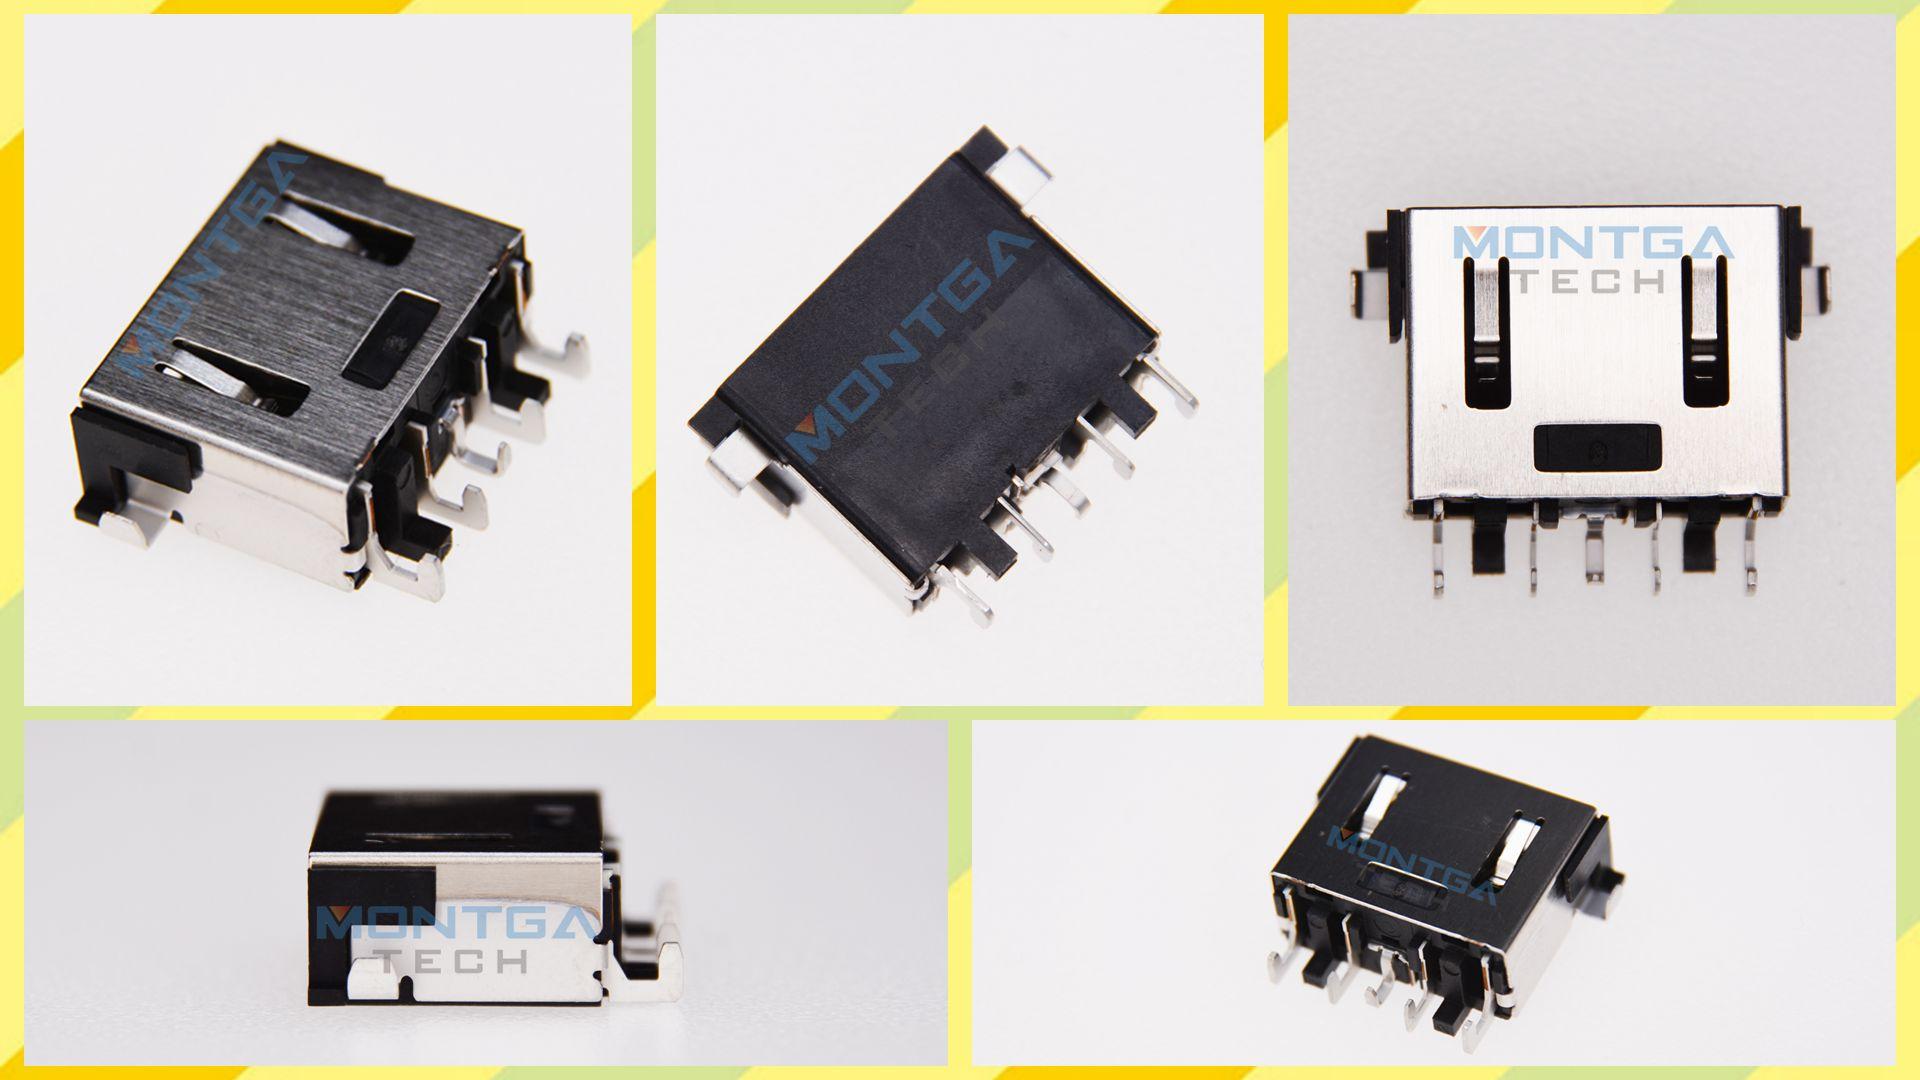 Lenovo Y7000-2019 charging connector, Lenovo Y7000-2019 DC Power Jack, Lenovo Y7000-2019 Power Jack, Lenovo Y7000-2019 plug, Lenovo Y7000-2019 Jack socket, Lenovo Y7000-2019 connecteur de charge,